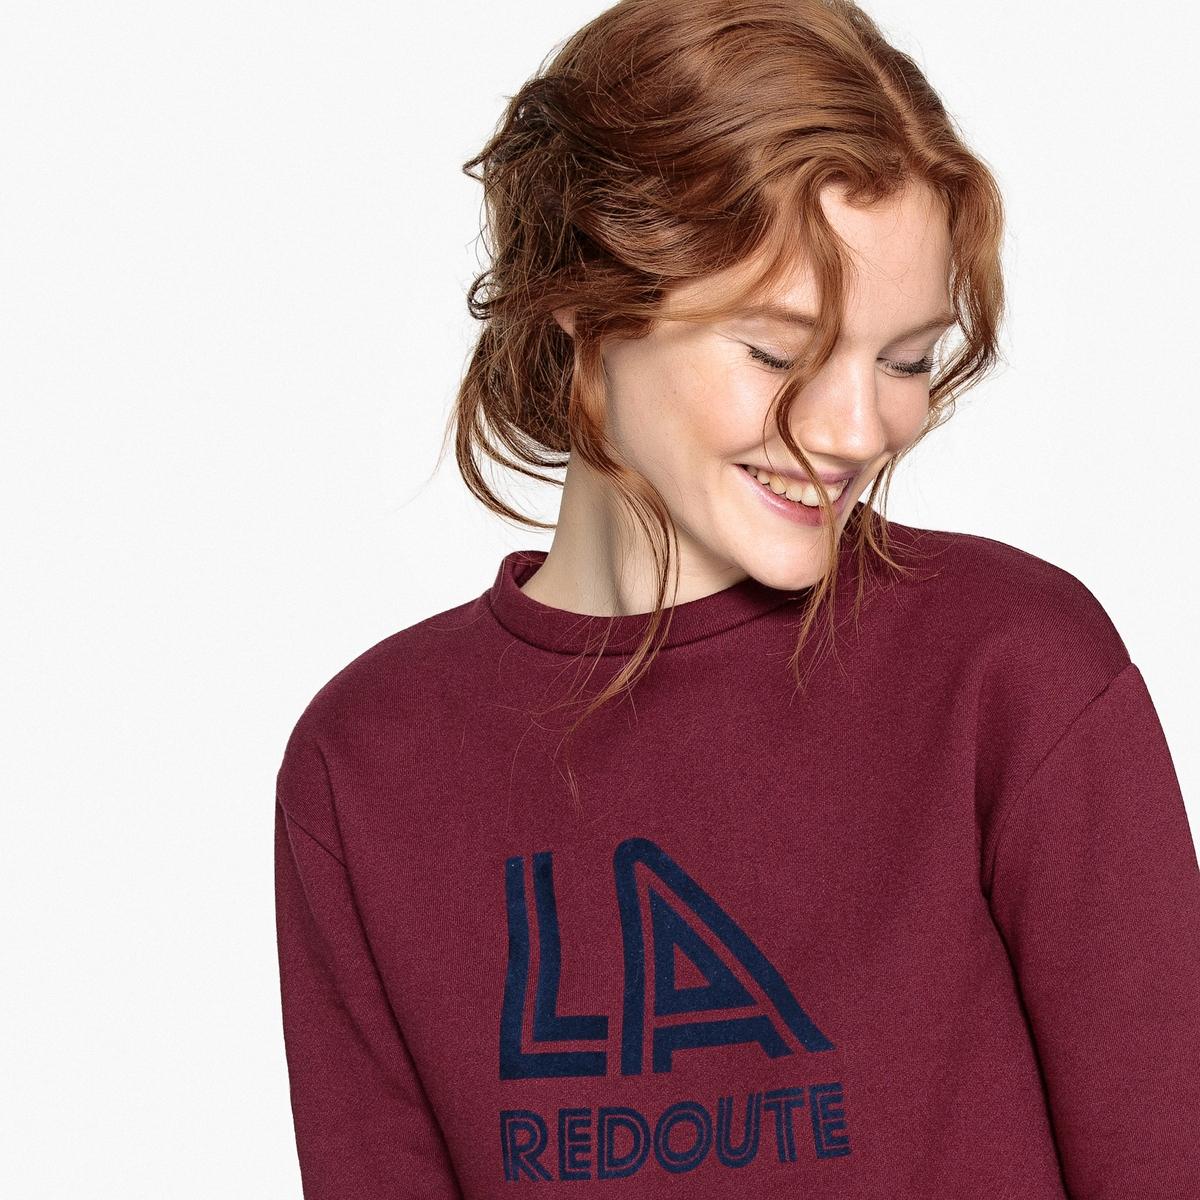 Свитшот La Redoute Велюровый с принтом спереди S красный шорты la redoute плавательные с принтом джунгли мес года 18 мес 81 см синий